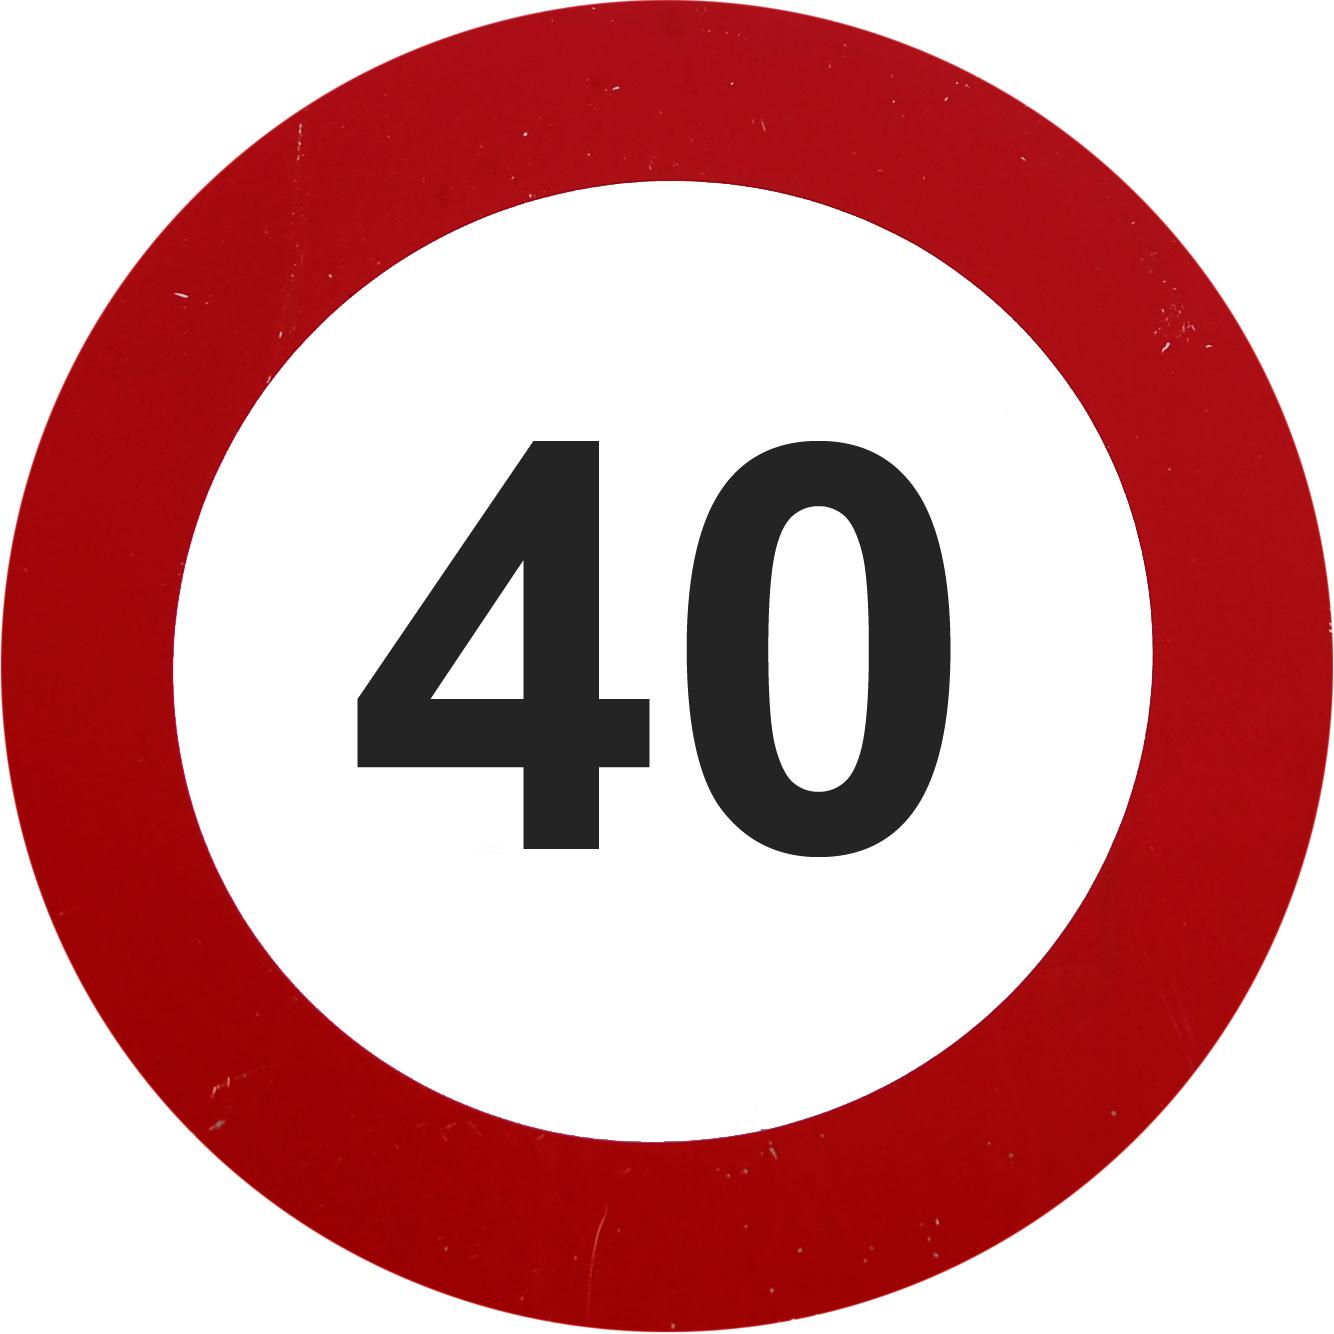 عندما تقول اللافتة السرعة القصوة 40 لا تتجاوز الـ 40